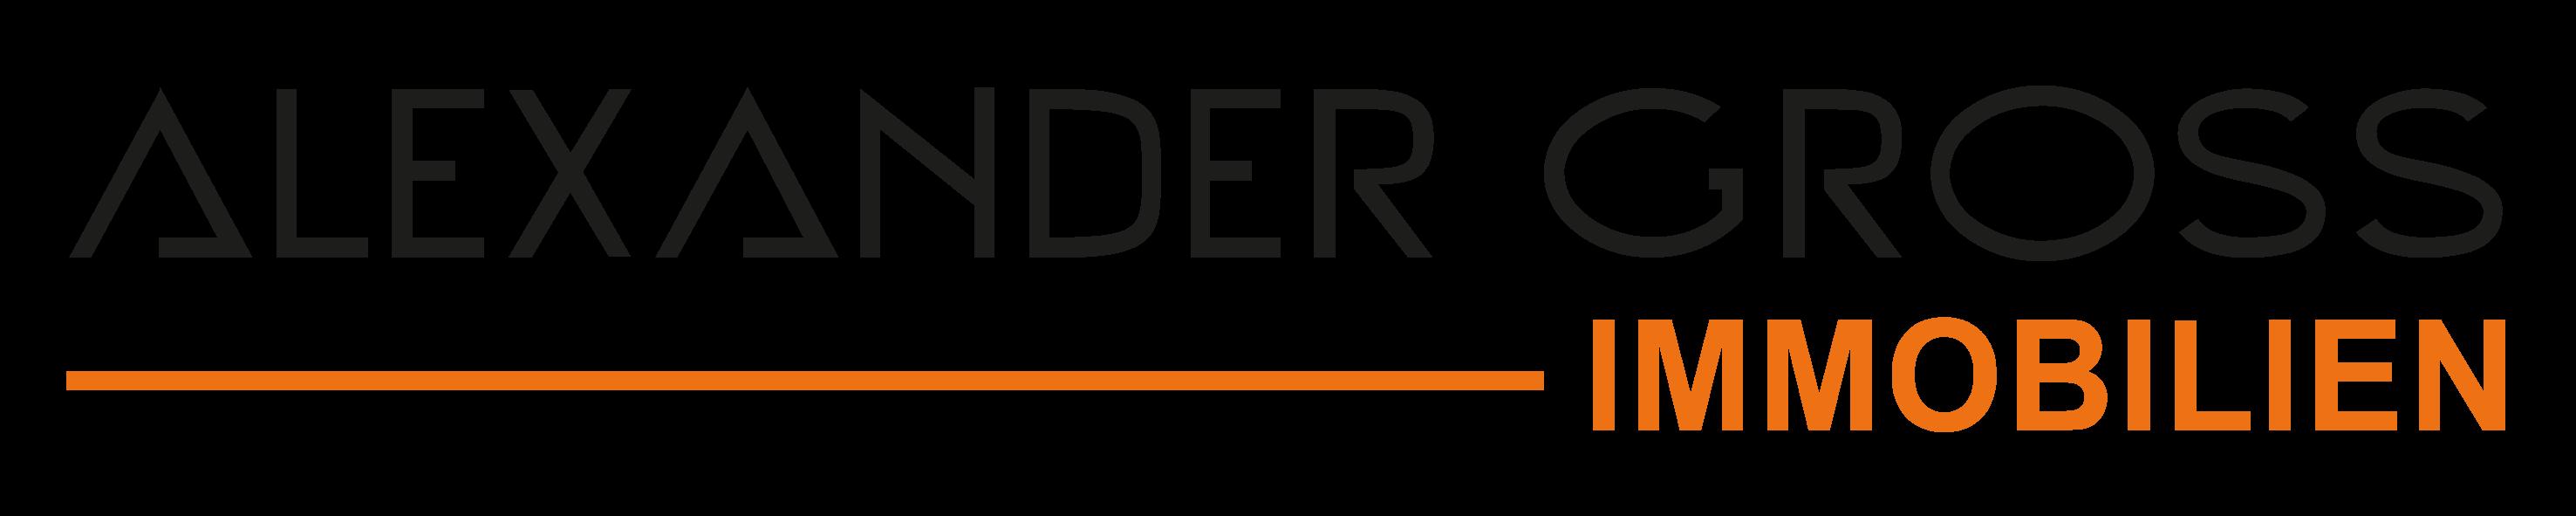 Hier sehen Sie das Logo von ALEXANDER GROSS Immobilien GmbH